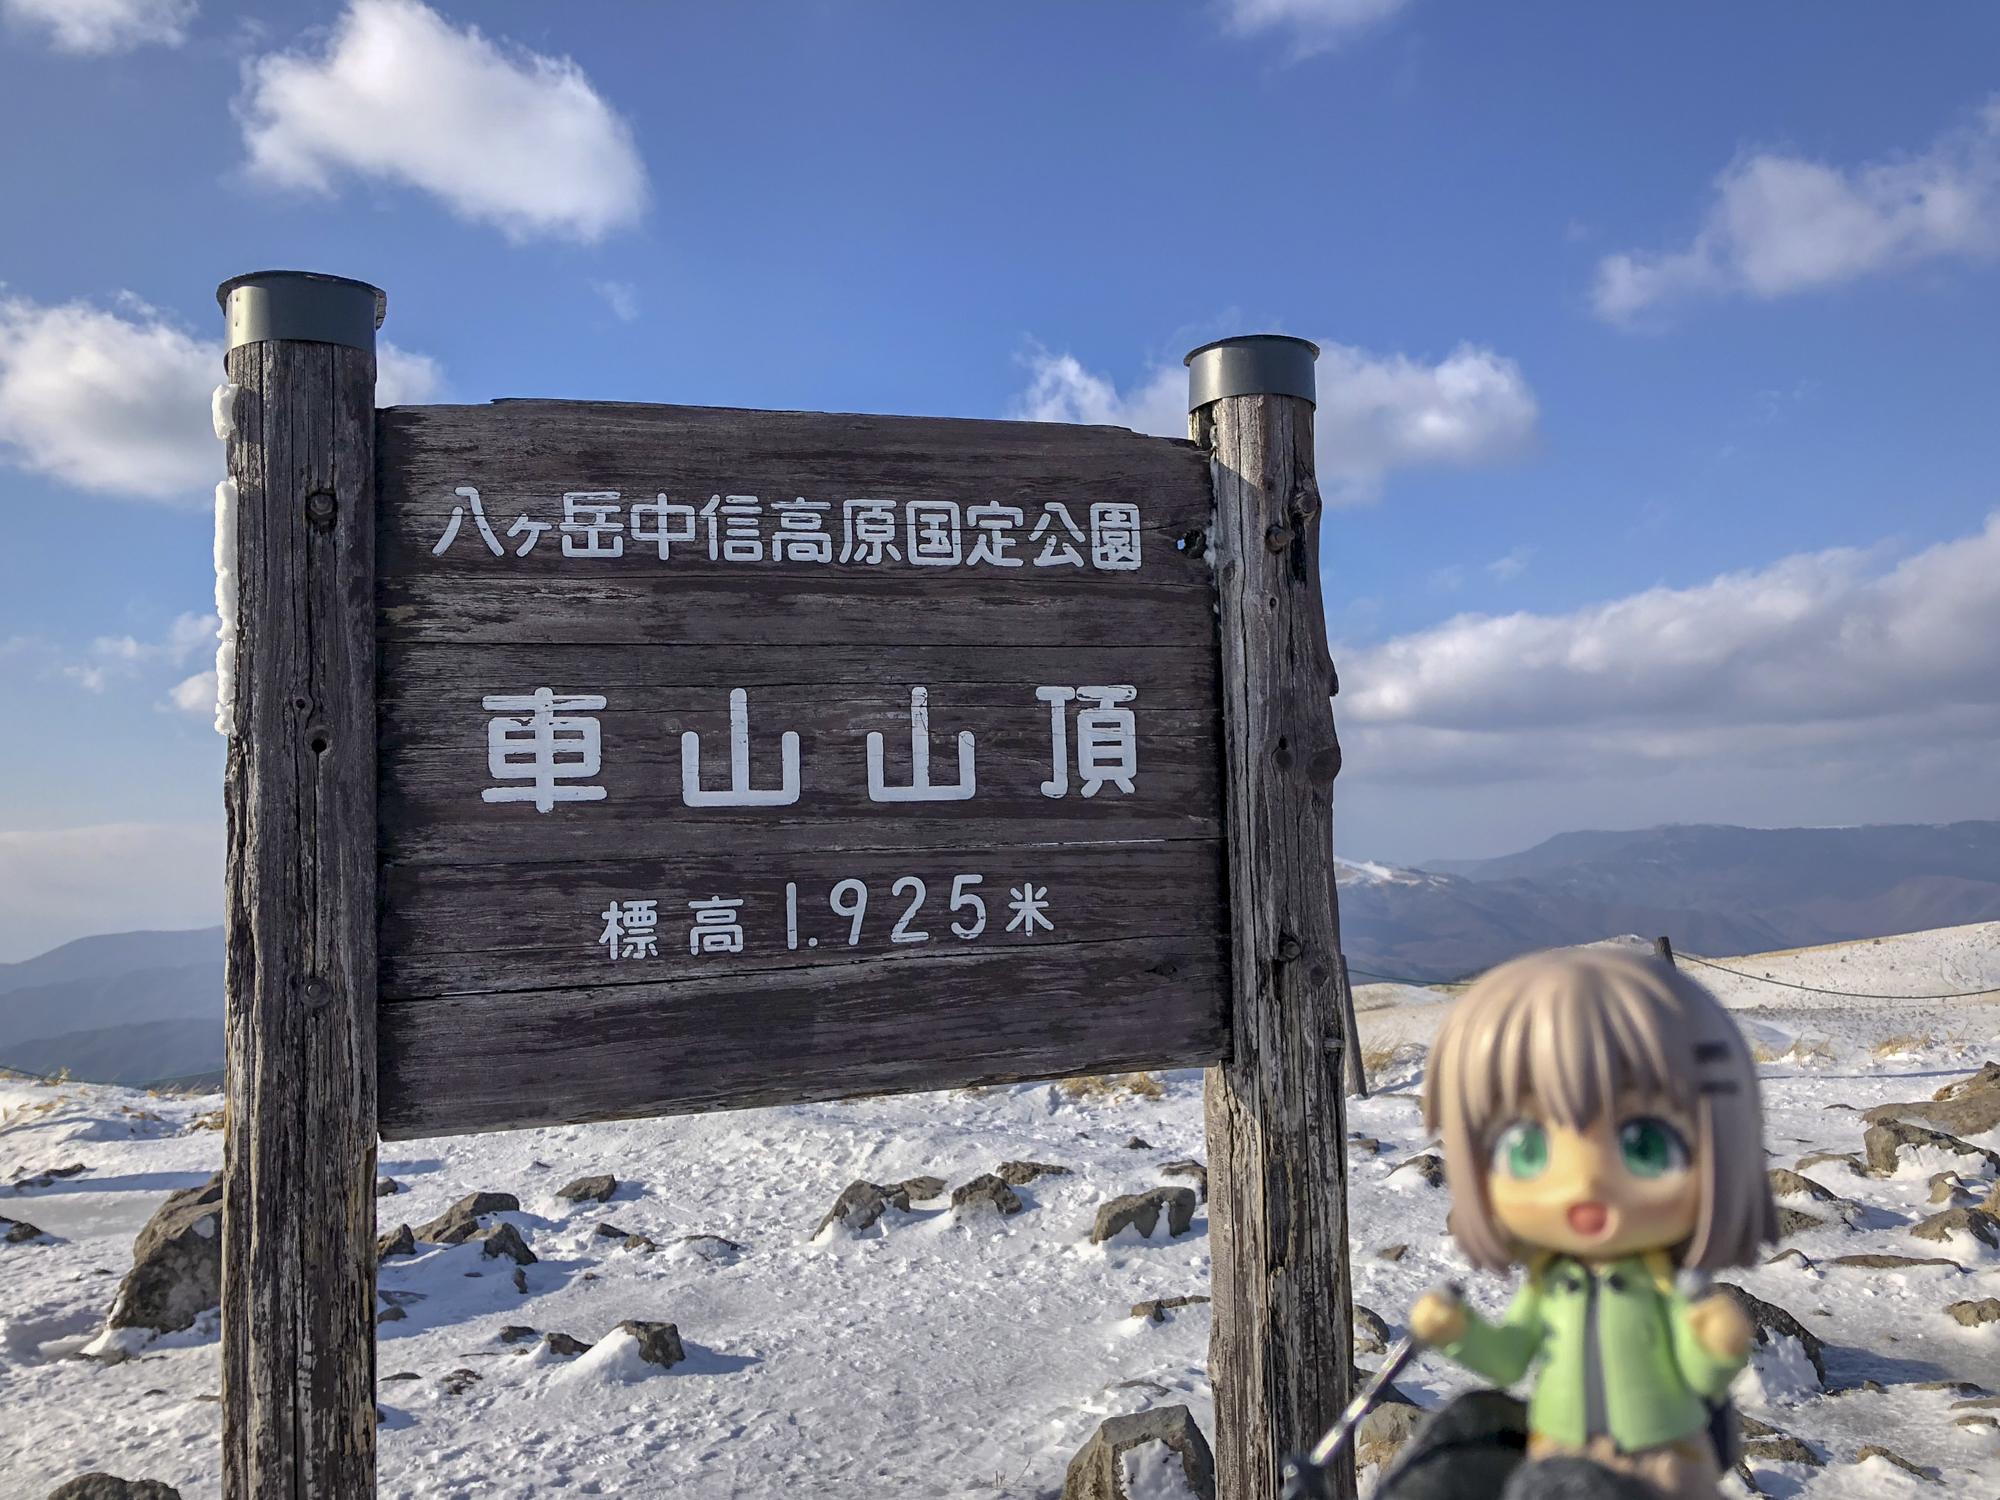 f:id:mitatowa:20180125010528j:plain